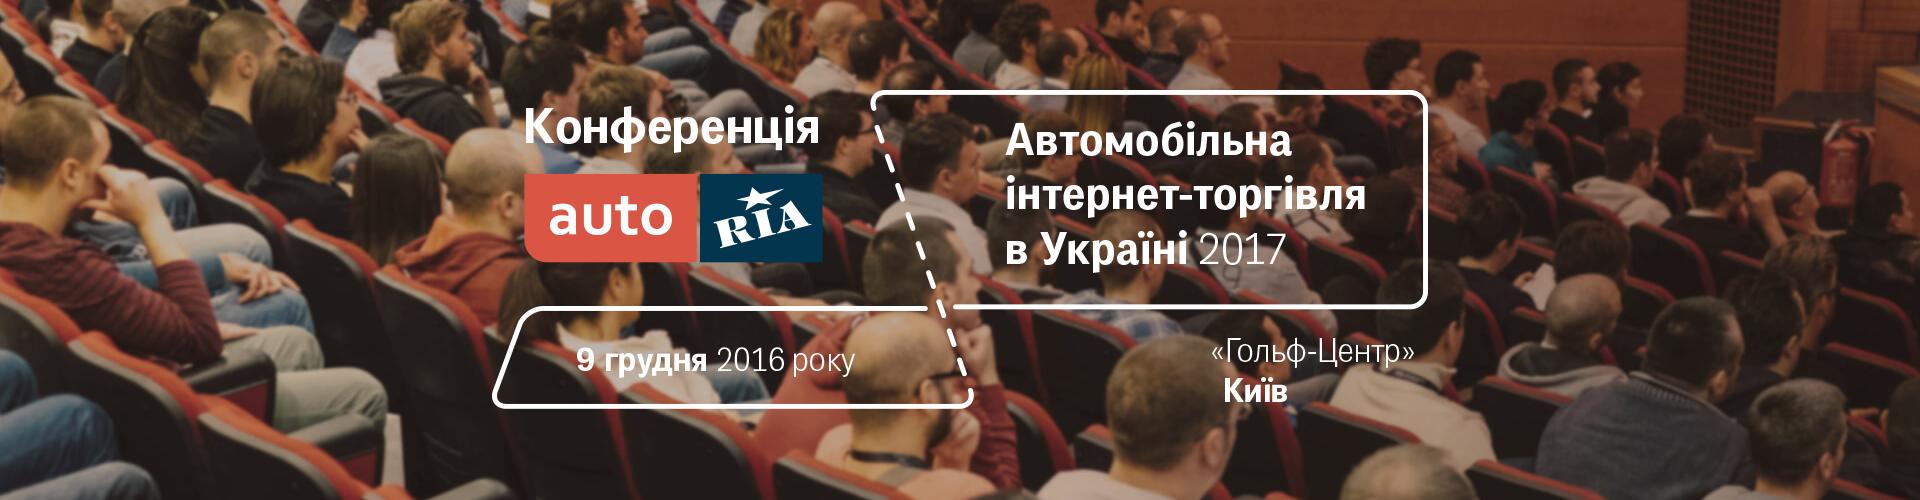 Конференція AUTO.RIA «Автомобільна інтернет-торгівля в Україні 2017»